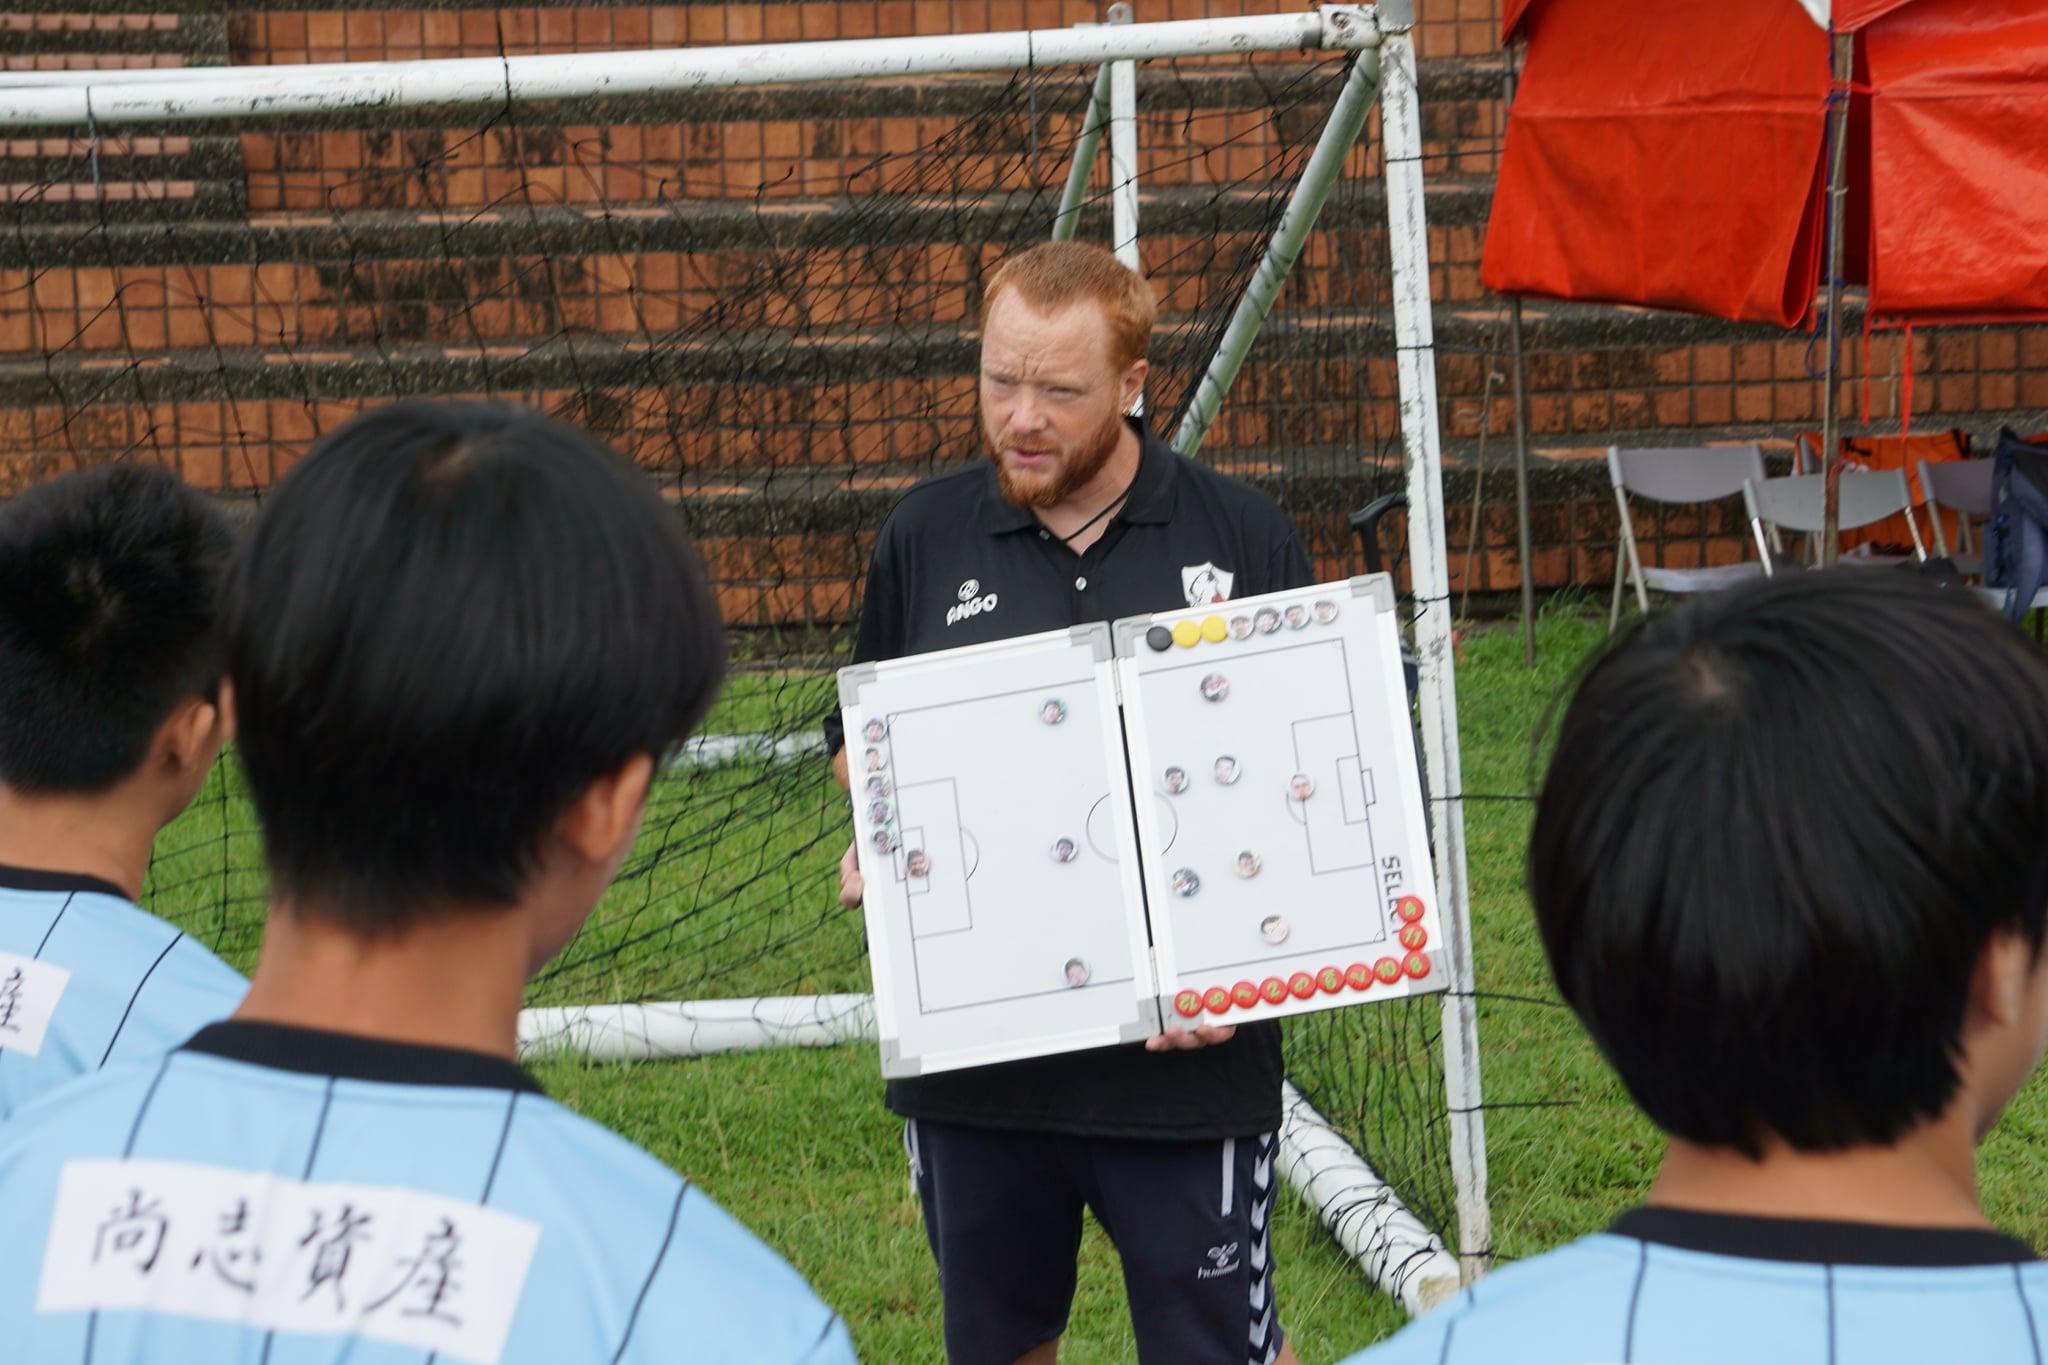 Taiwan-based Danish football coach Johnni Nielsen runs his FC Vikings team through some tactics.